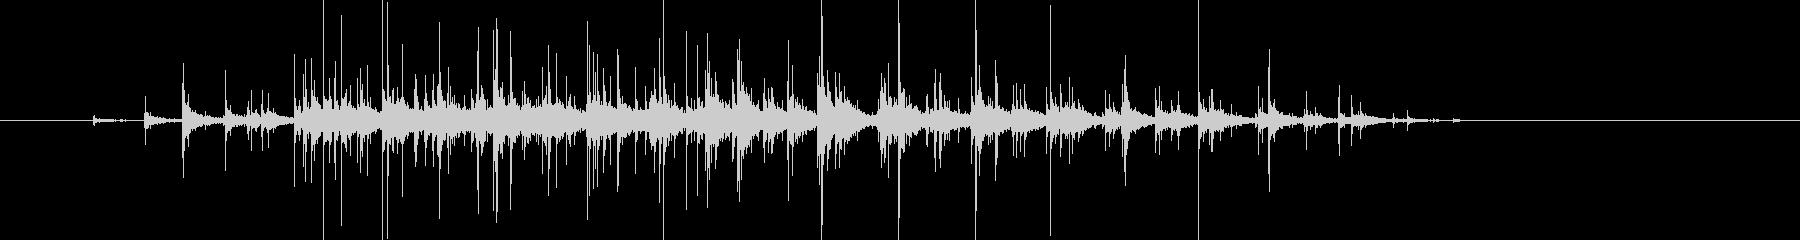 ささやかな拍手 録音 Clappingの未再生の波形